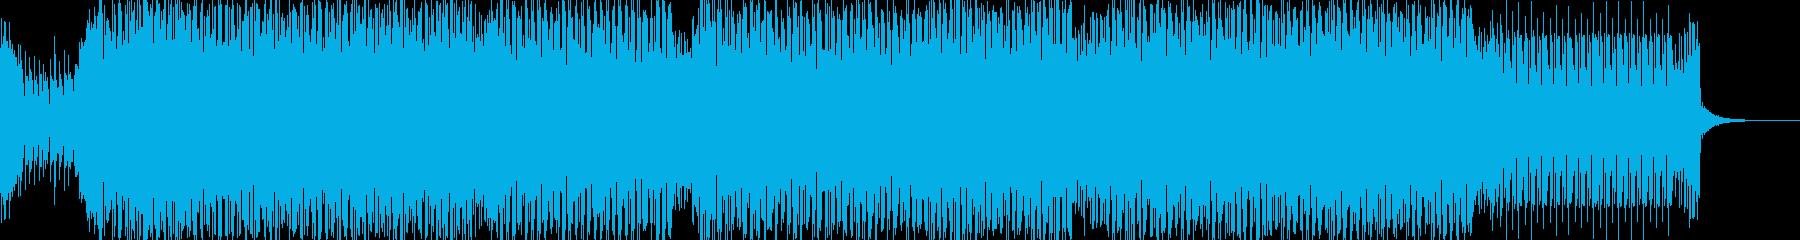 bpm135のダンスミュージックの再生済みの波形